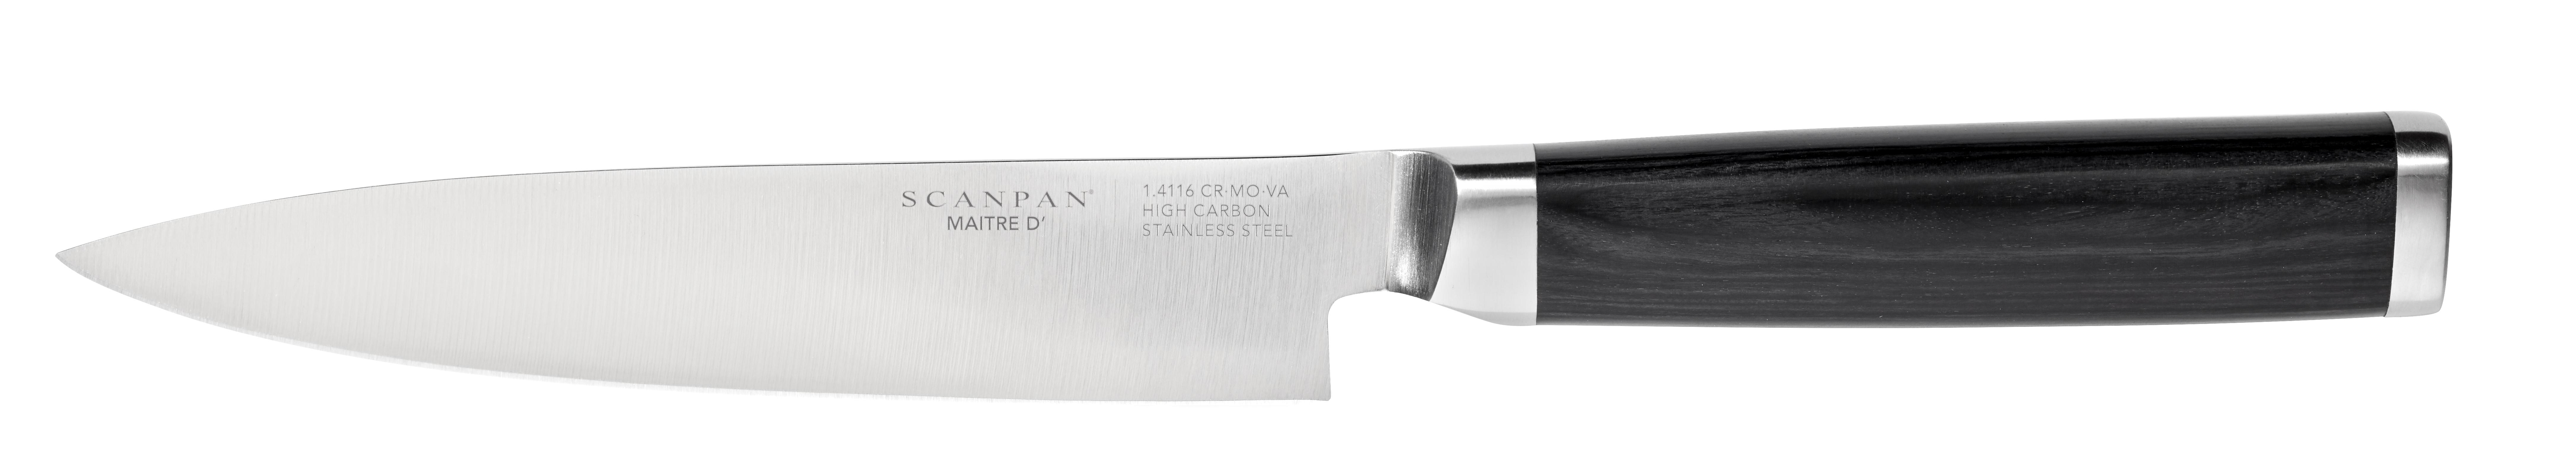 15cmuniversalkniv - Maitre D, 15 cm